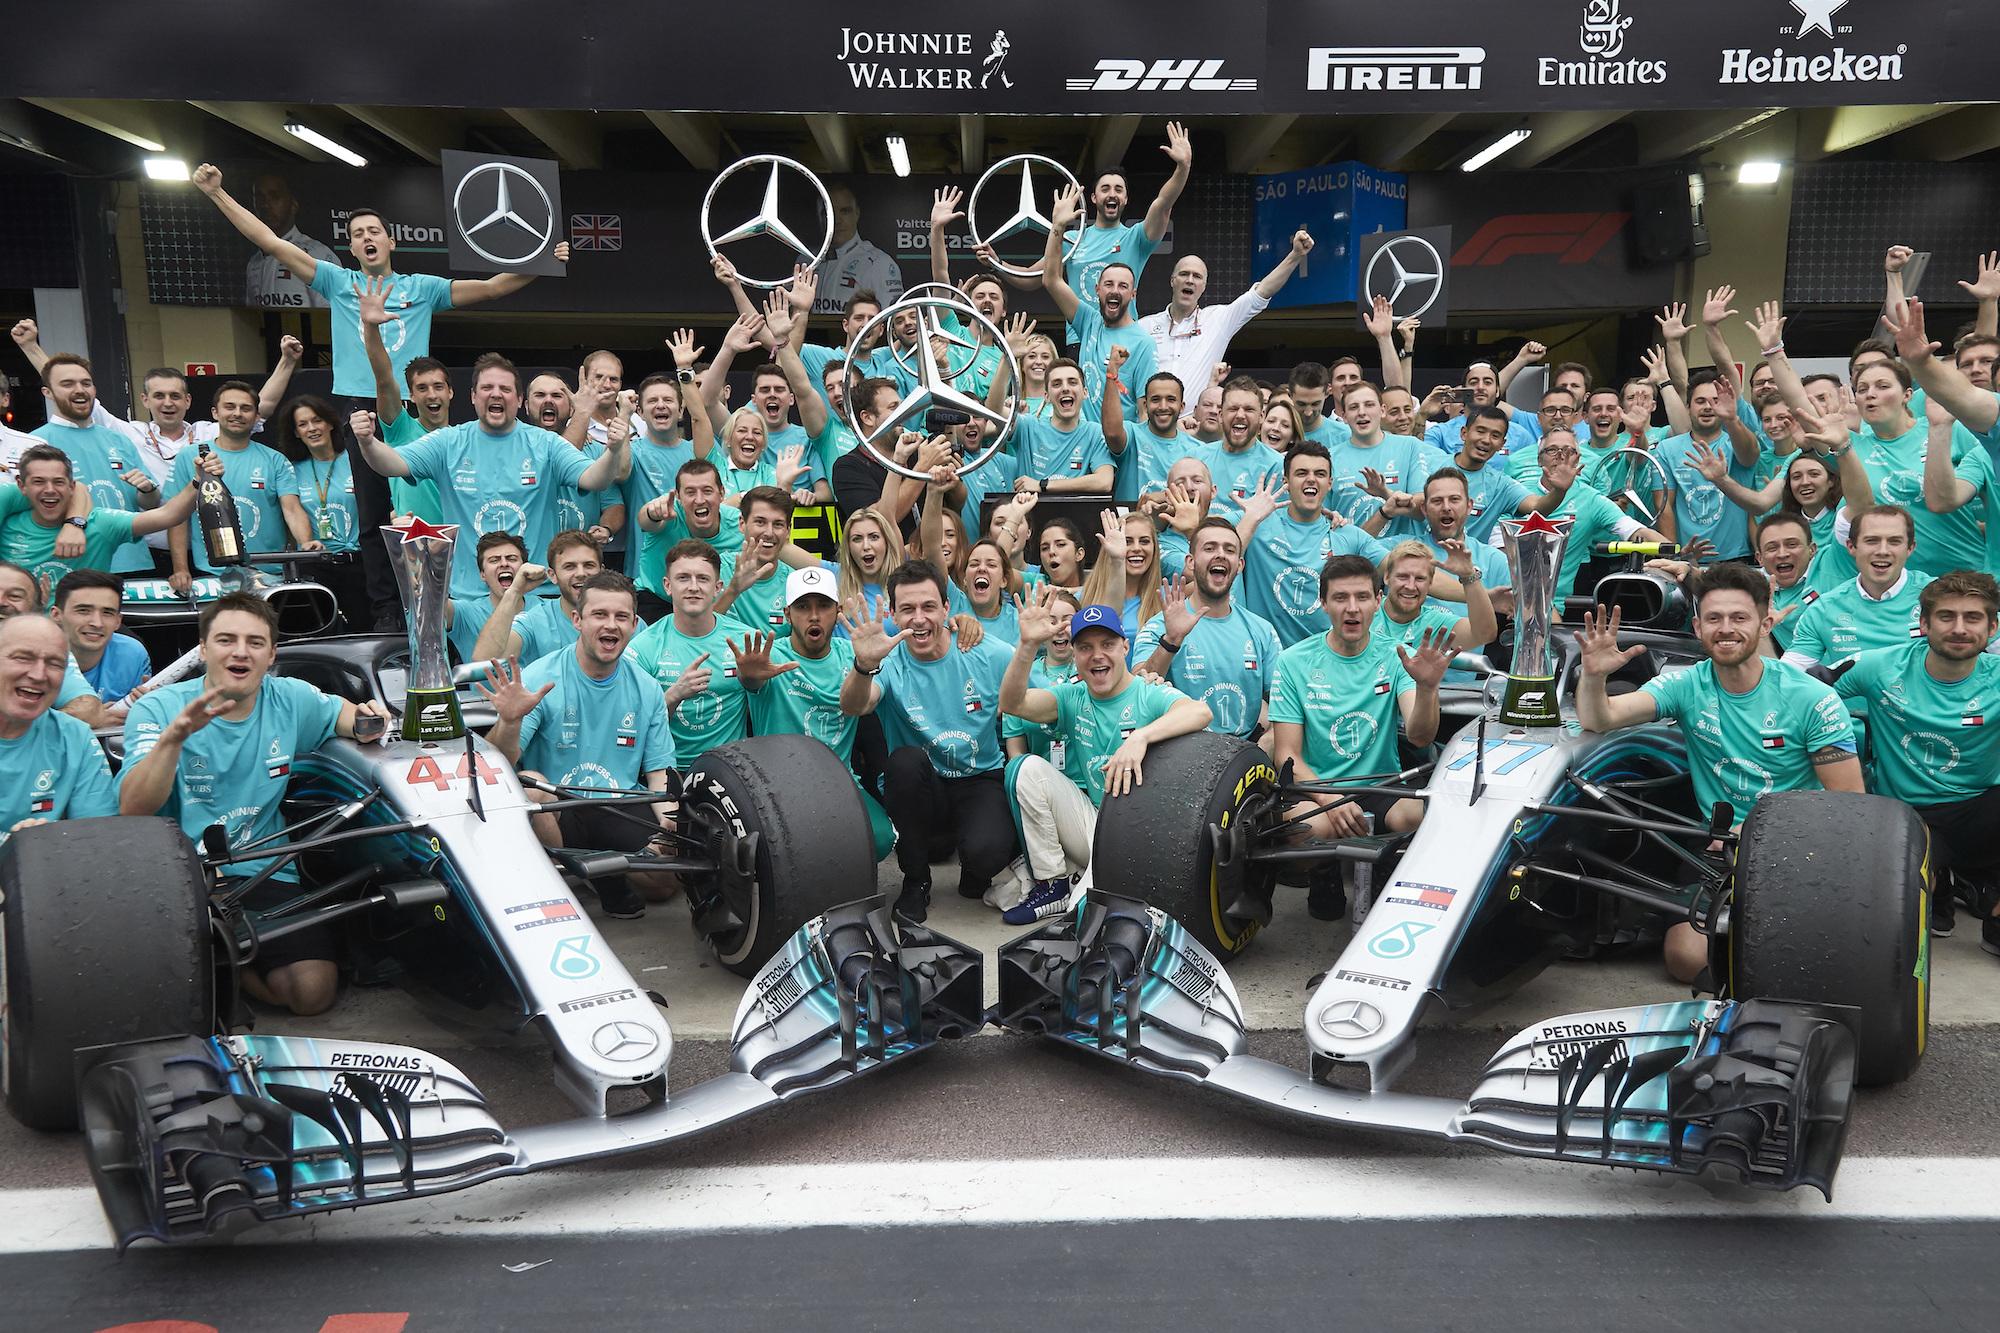 Formel 1 - Mercedes-AMG Petronas Motorsport, Großer Preis von Brasilien 2018. Lewis Hamilton, Valtteri Bottas   Formula One - Mercedes-AMG Petronas Motorsport, Brazilian GP 2018. Lewis Hamilton, Valtteri Bottas